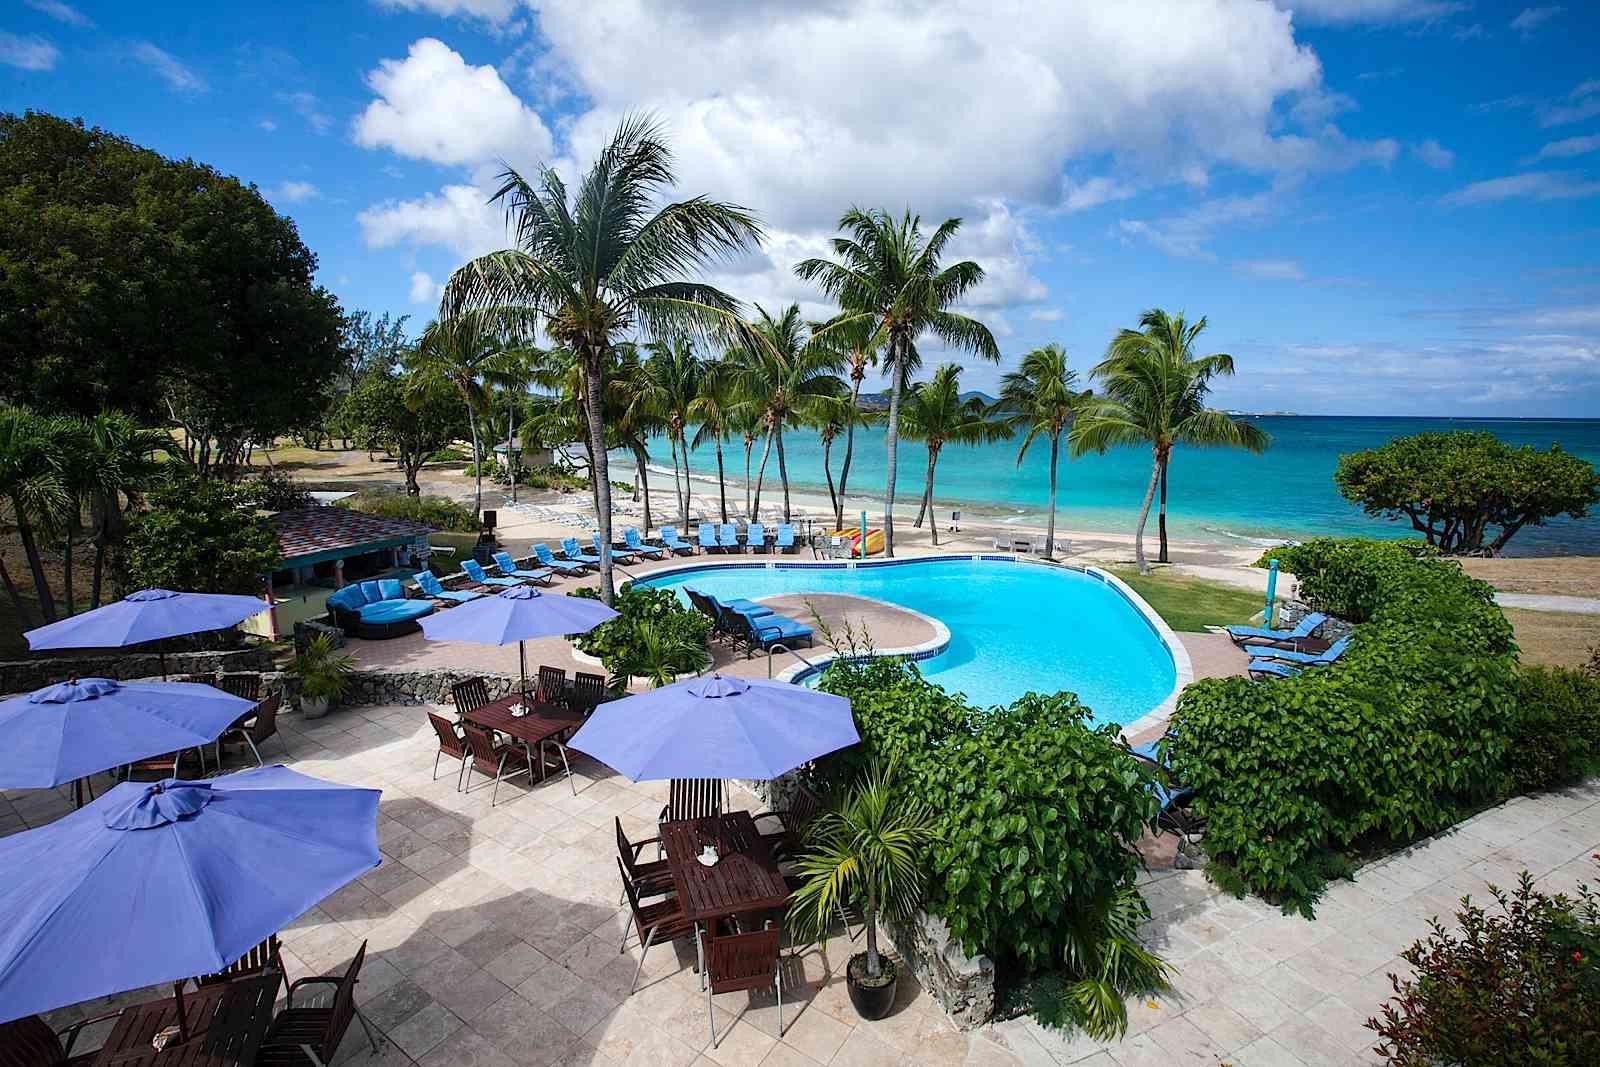 St. Croix's Buccaneer Resort - The Grotto Beach